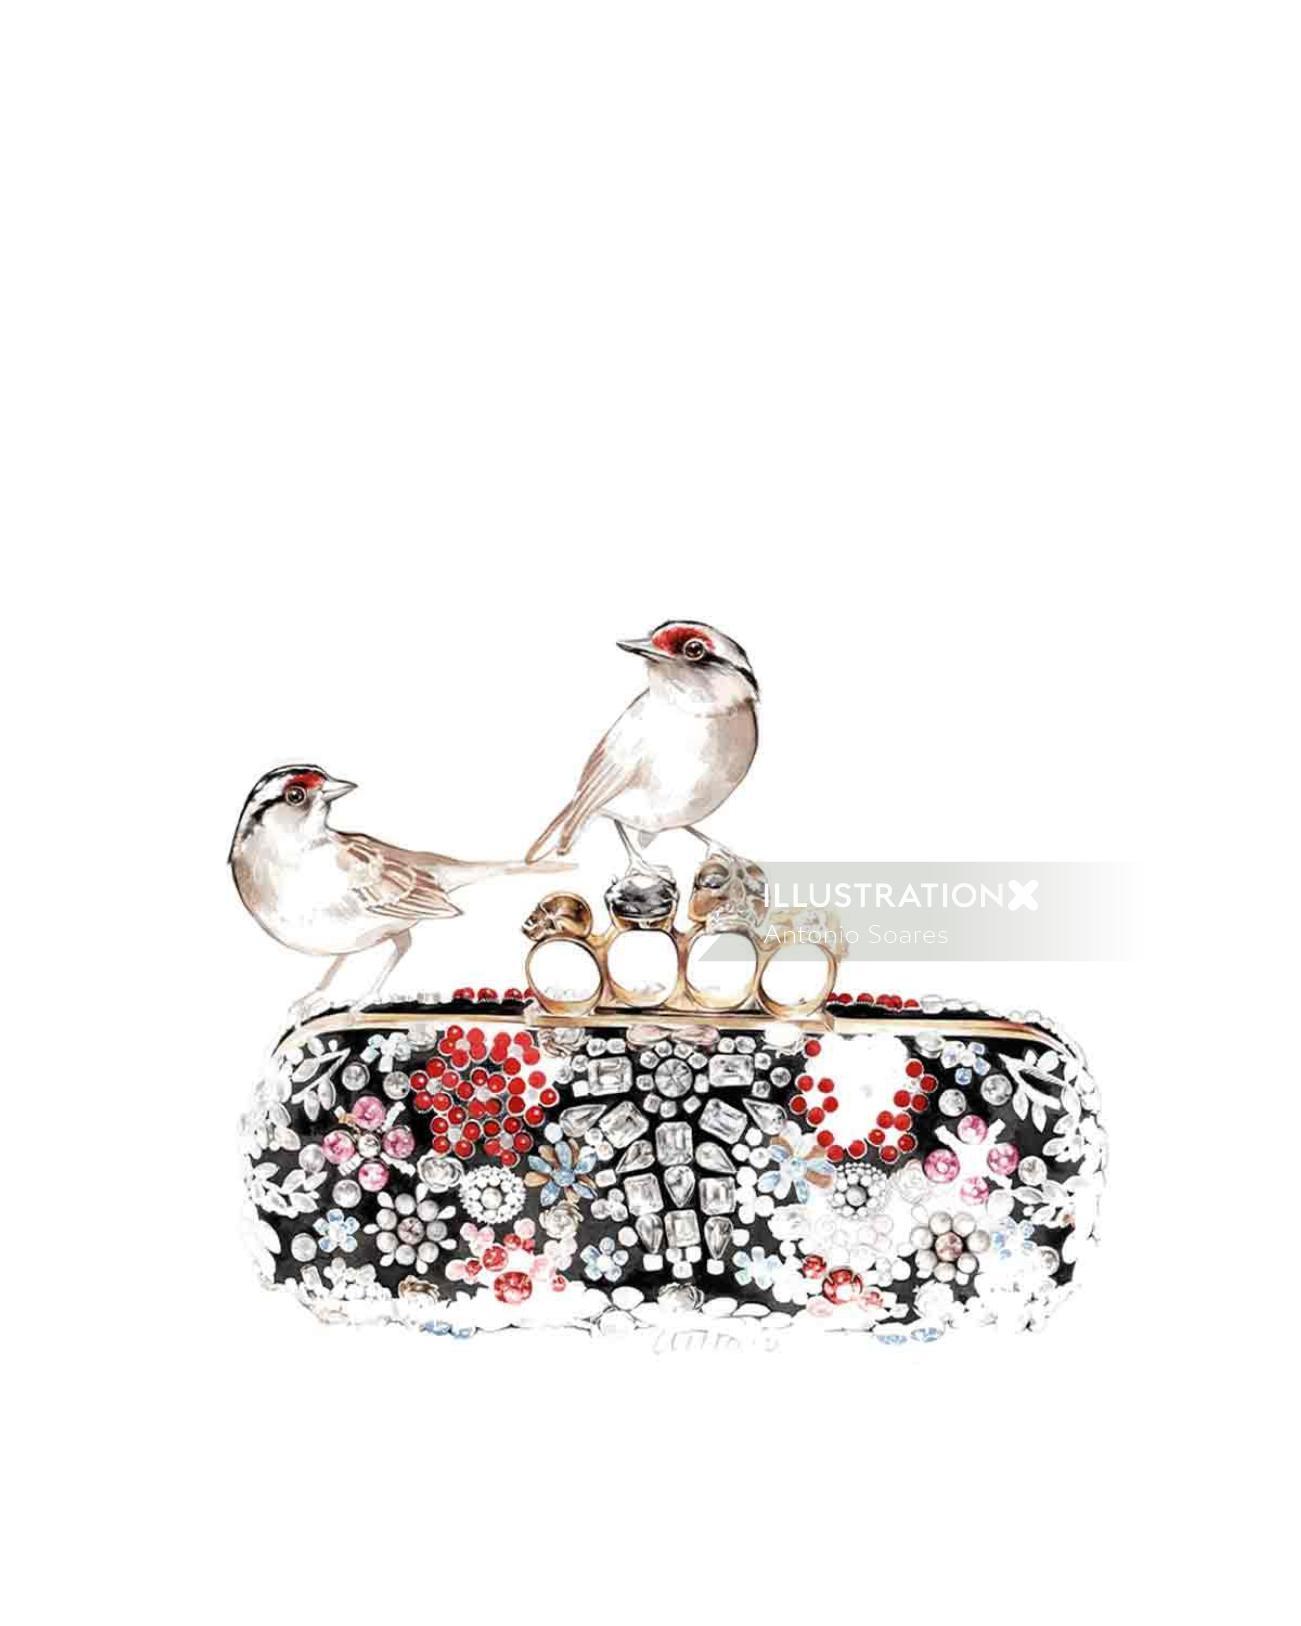 McQueen fashion illustration by Antonio Soares